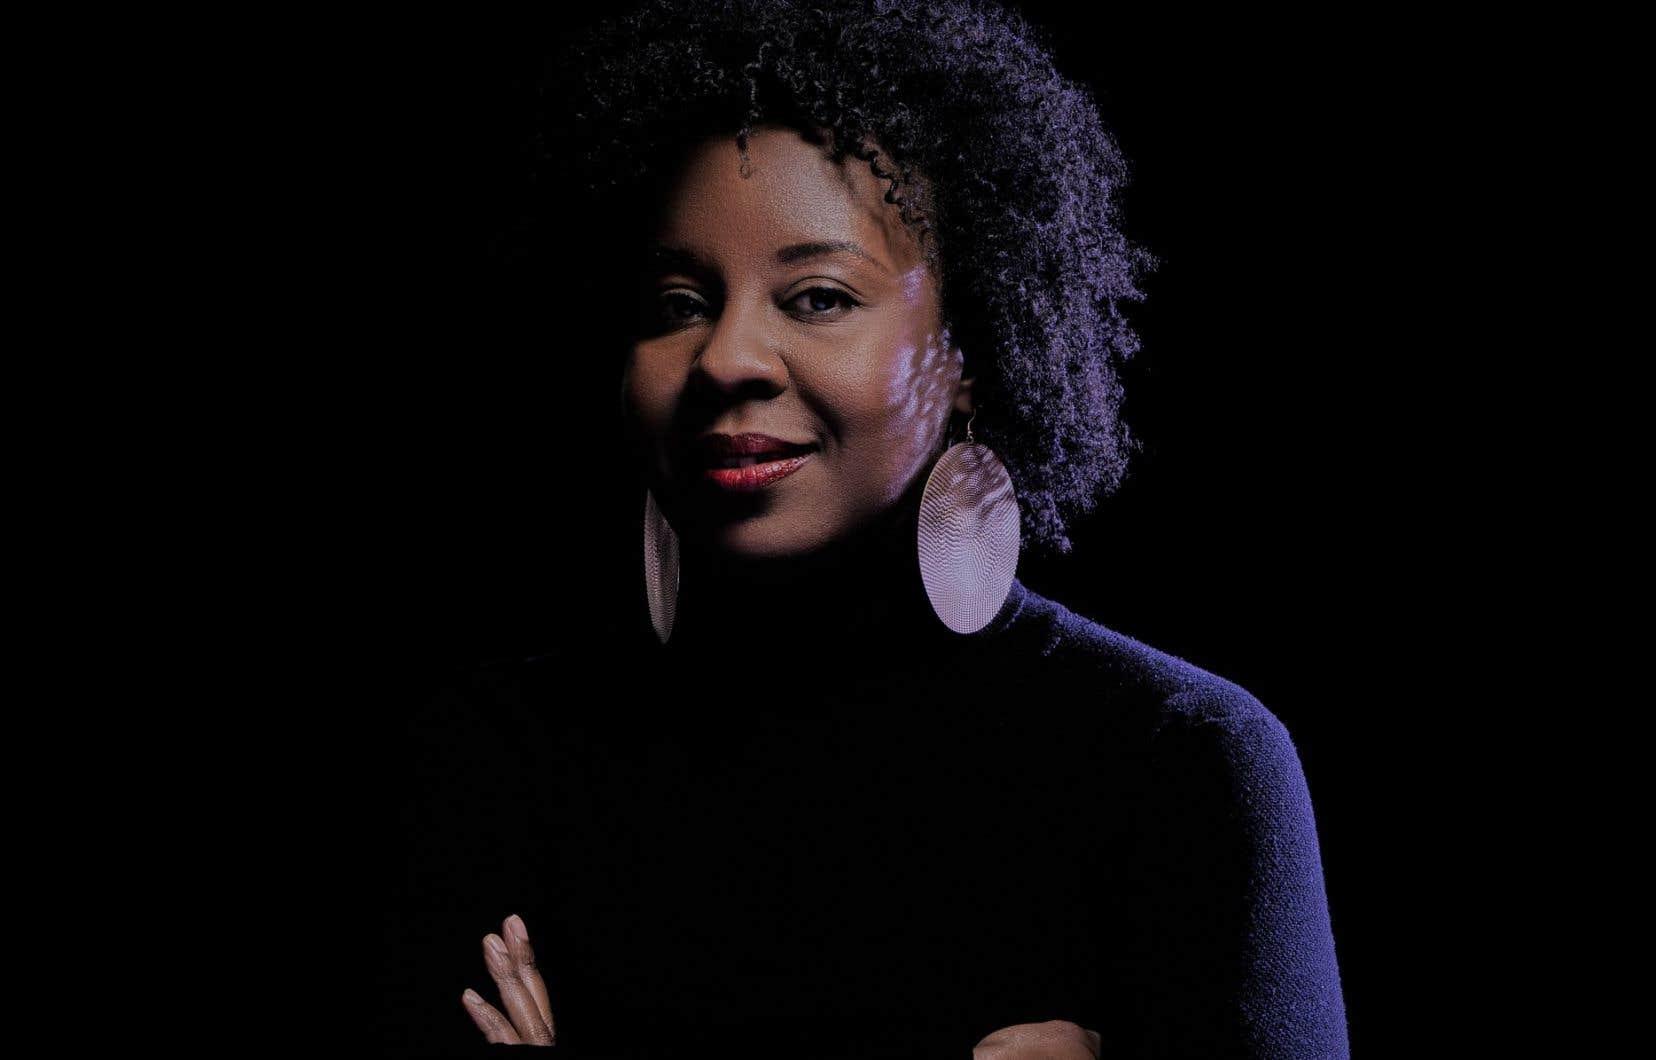 «Ça vient me chercher lorsque je me heurte à des gens qui nient notre réalité, nos histoires, nos obstacles ou qui pensent que parler des femmes, ça englobe nécessairement les femmes noires», confie Dorothy Rhau.